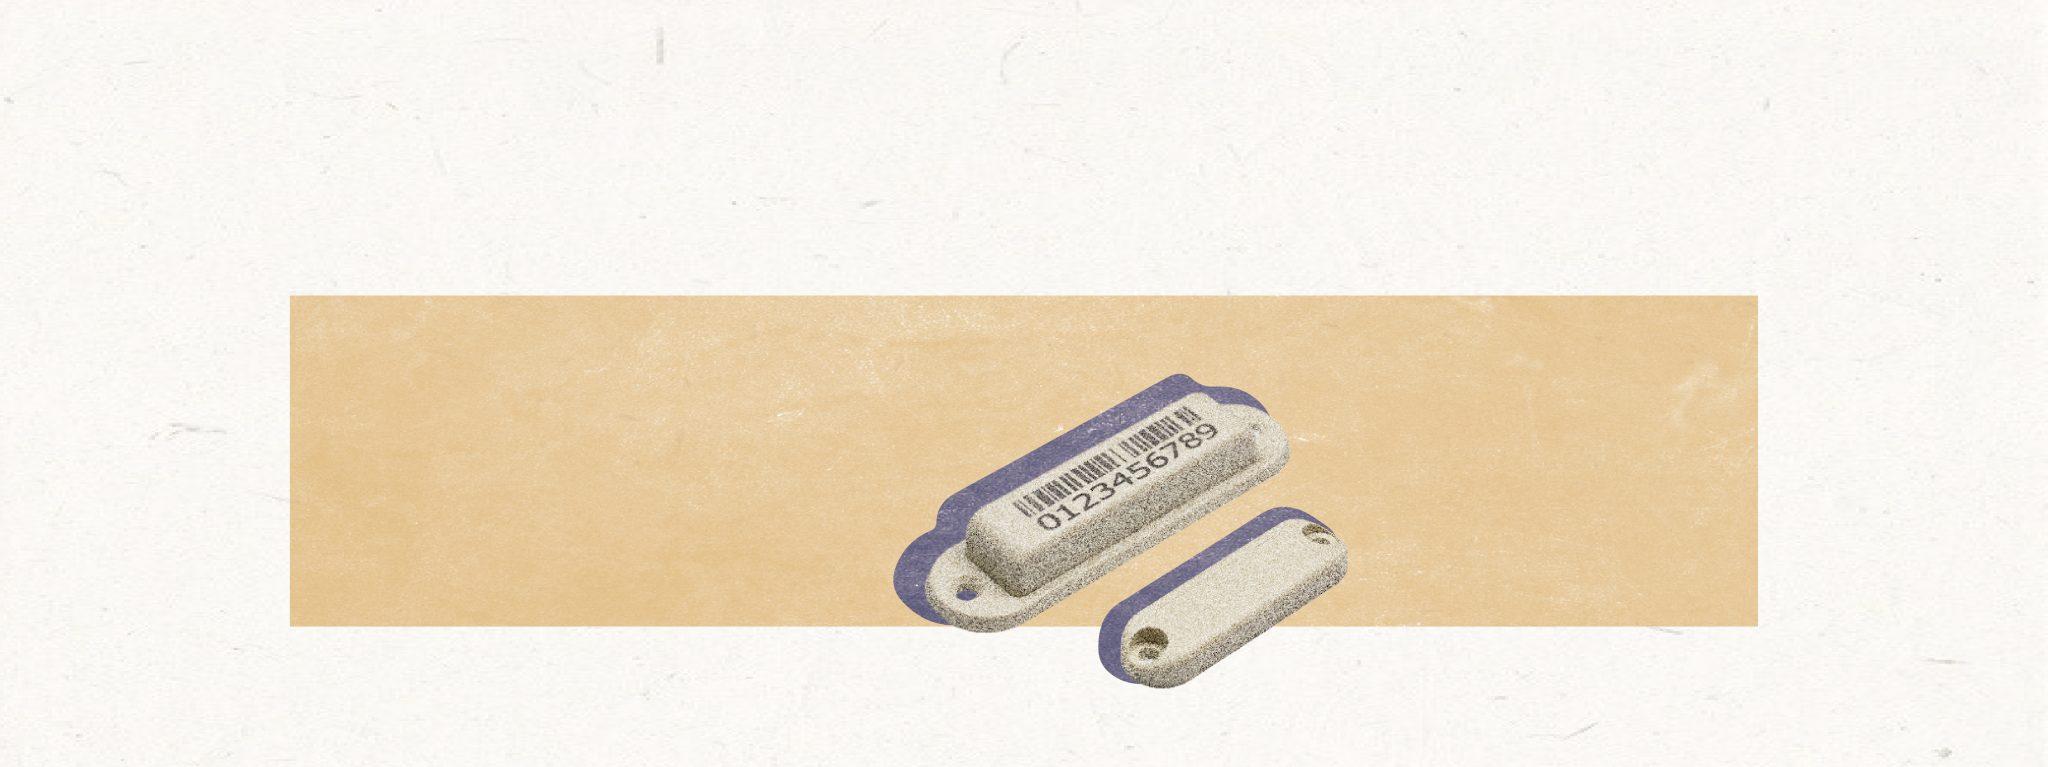 【身分證、燈柱、寵物晶片:何謂RFID?】